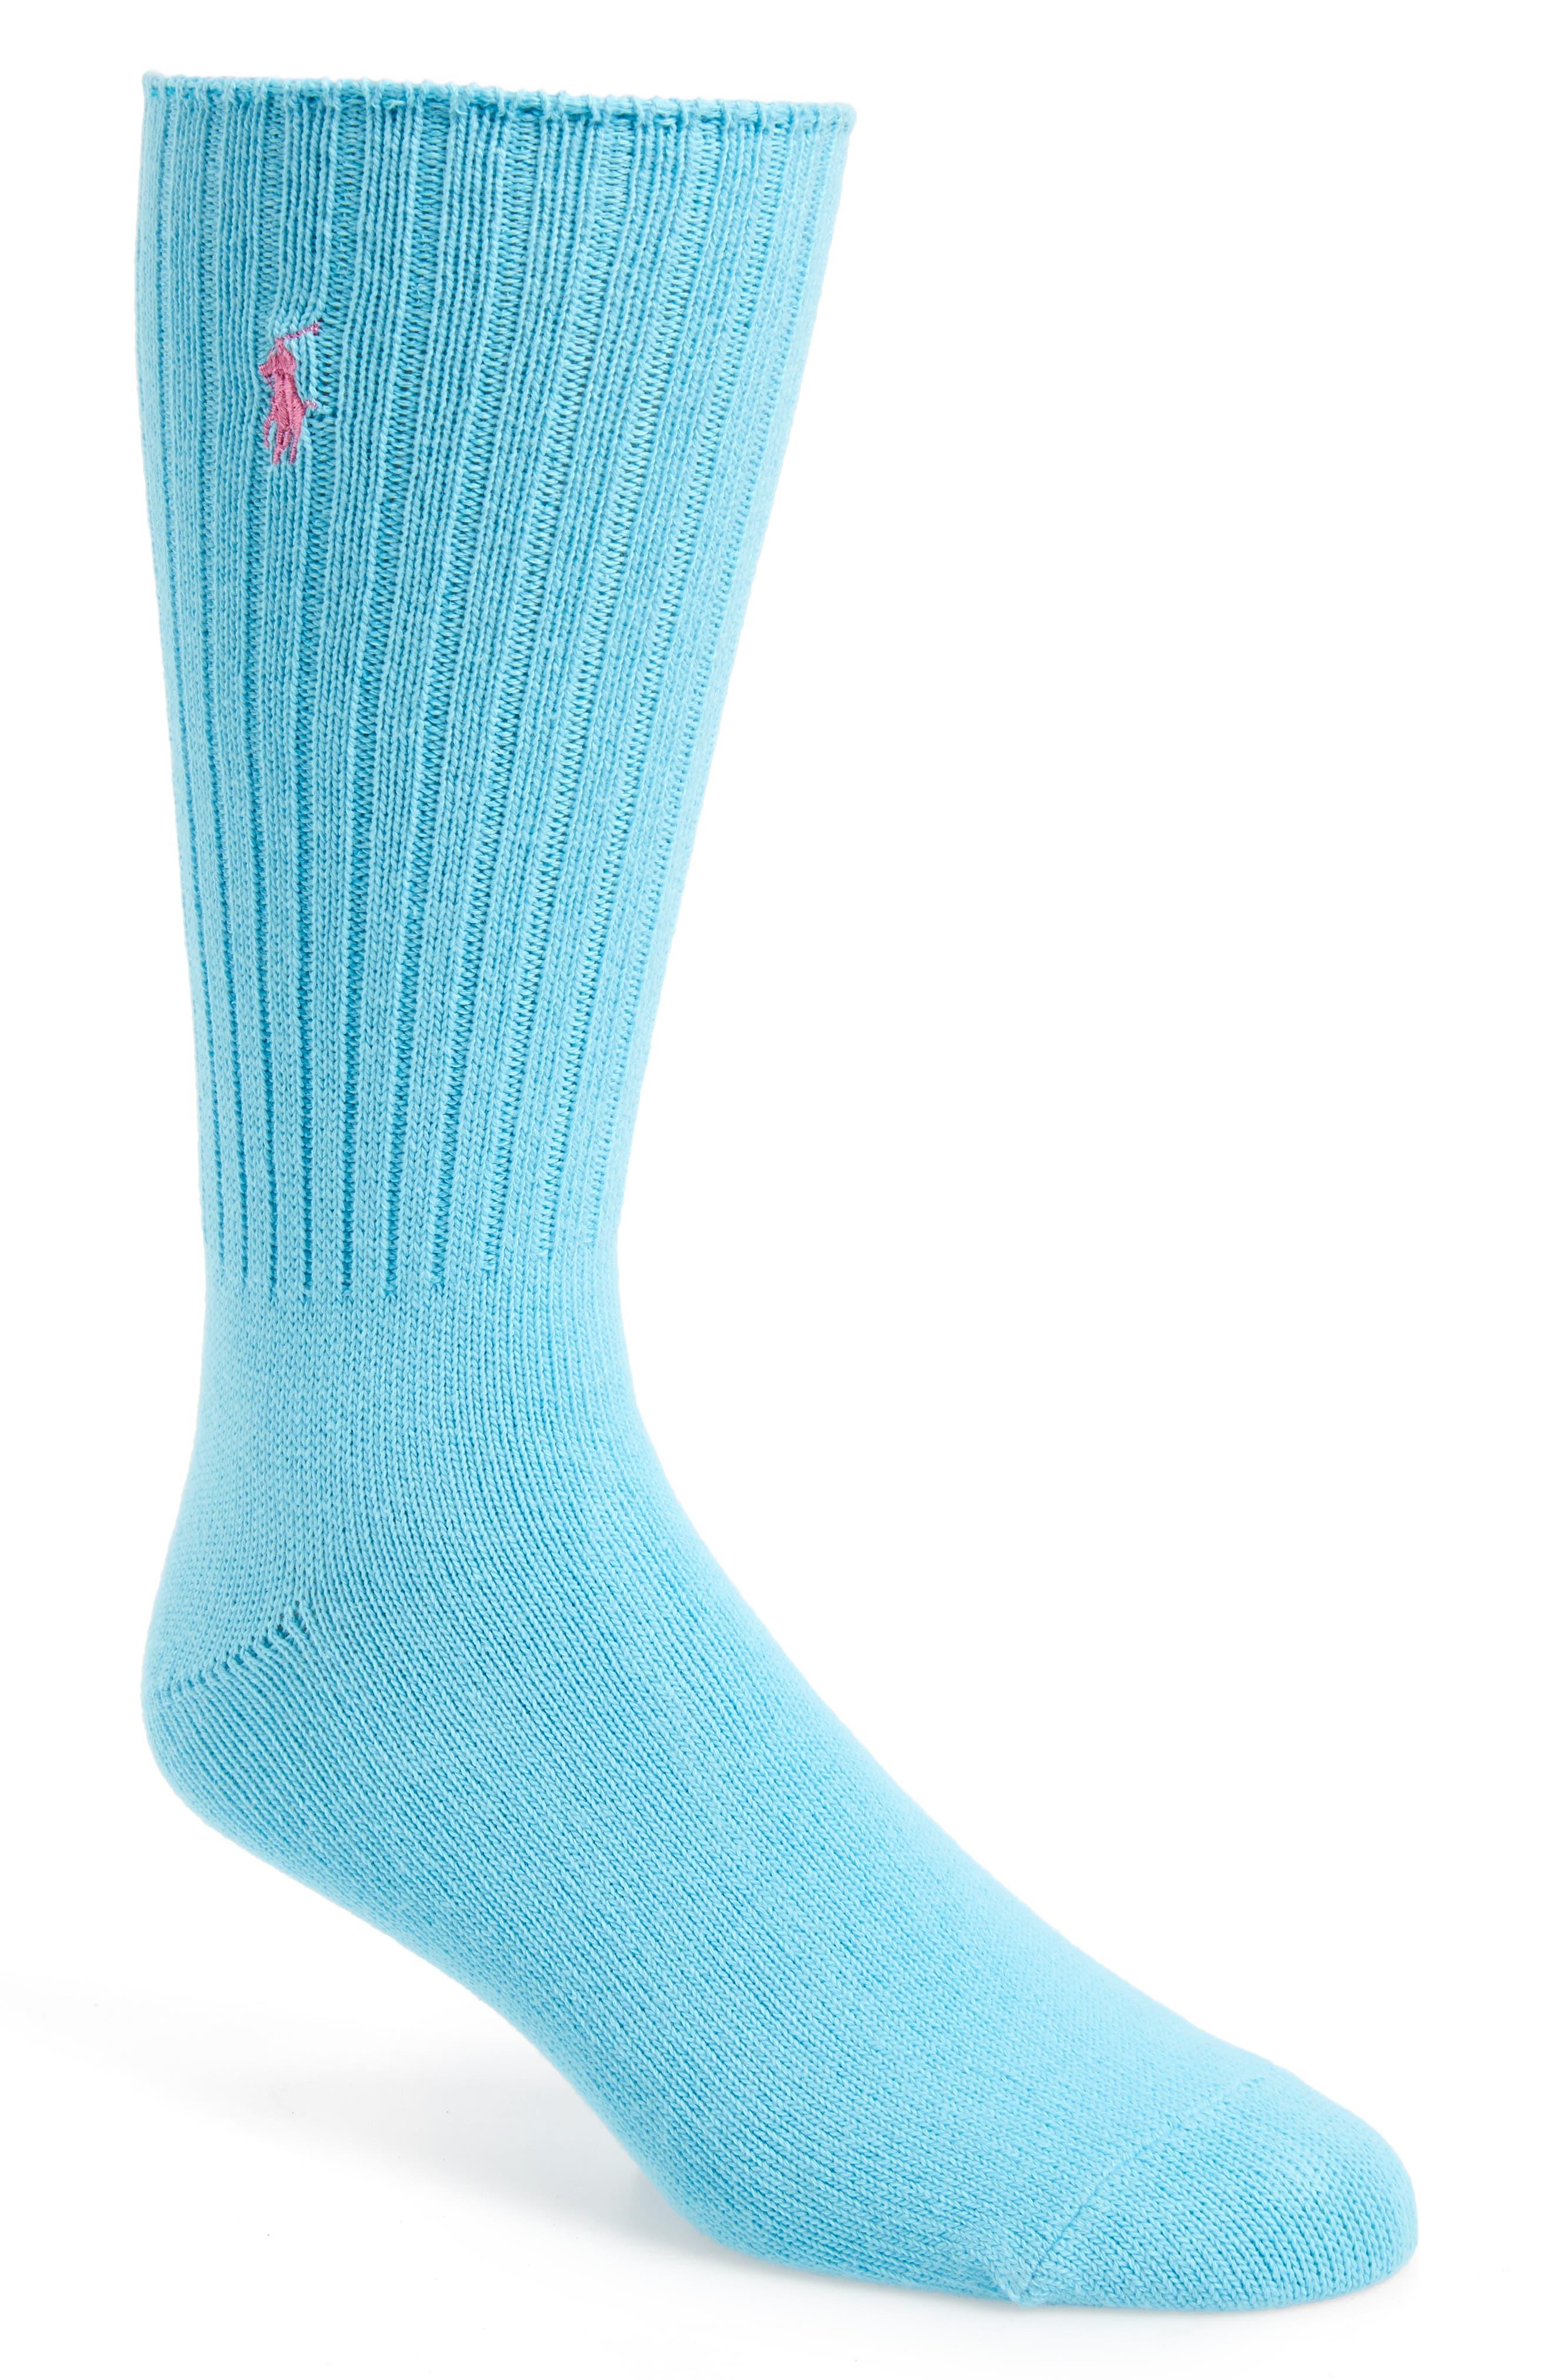 Alternate Image 1 Selected - Polo Ralph Lauren Crew Socks